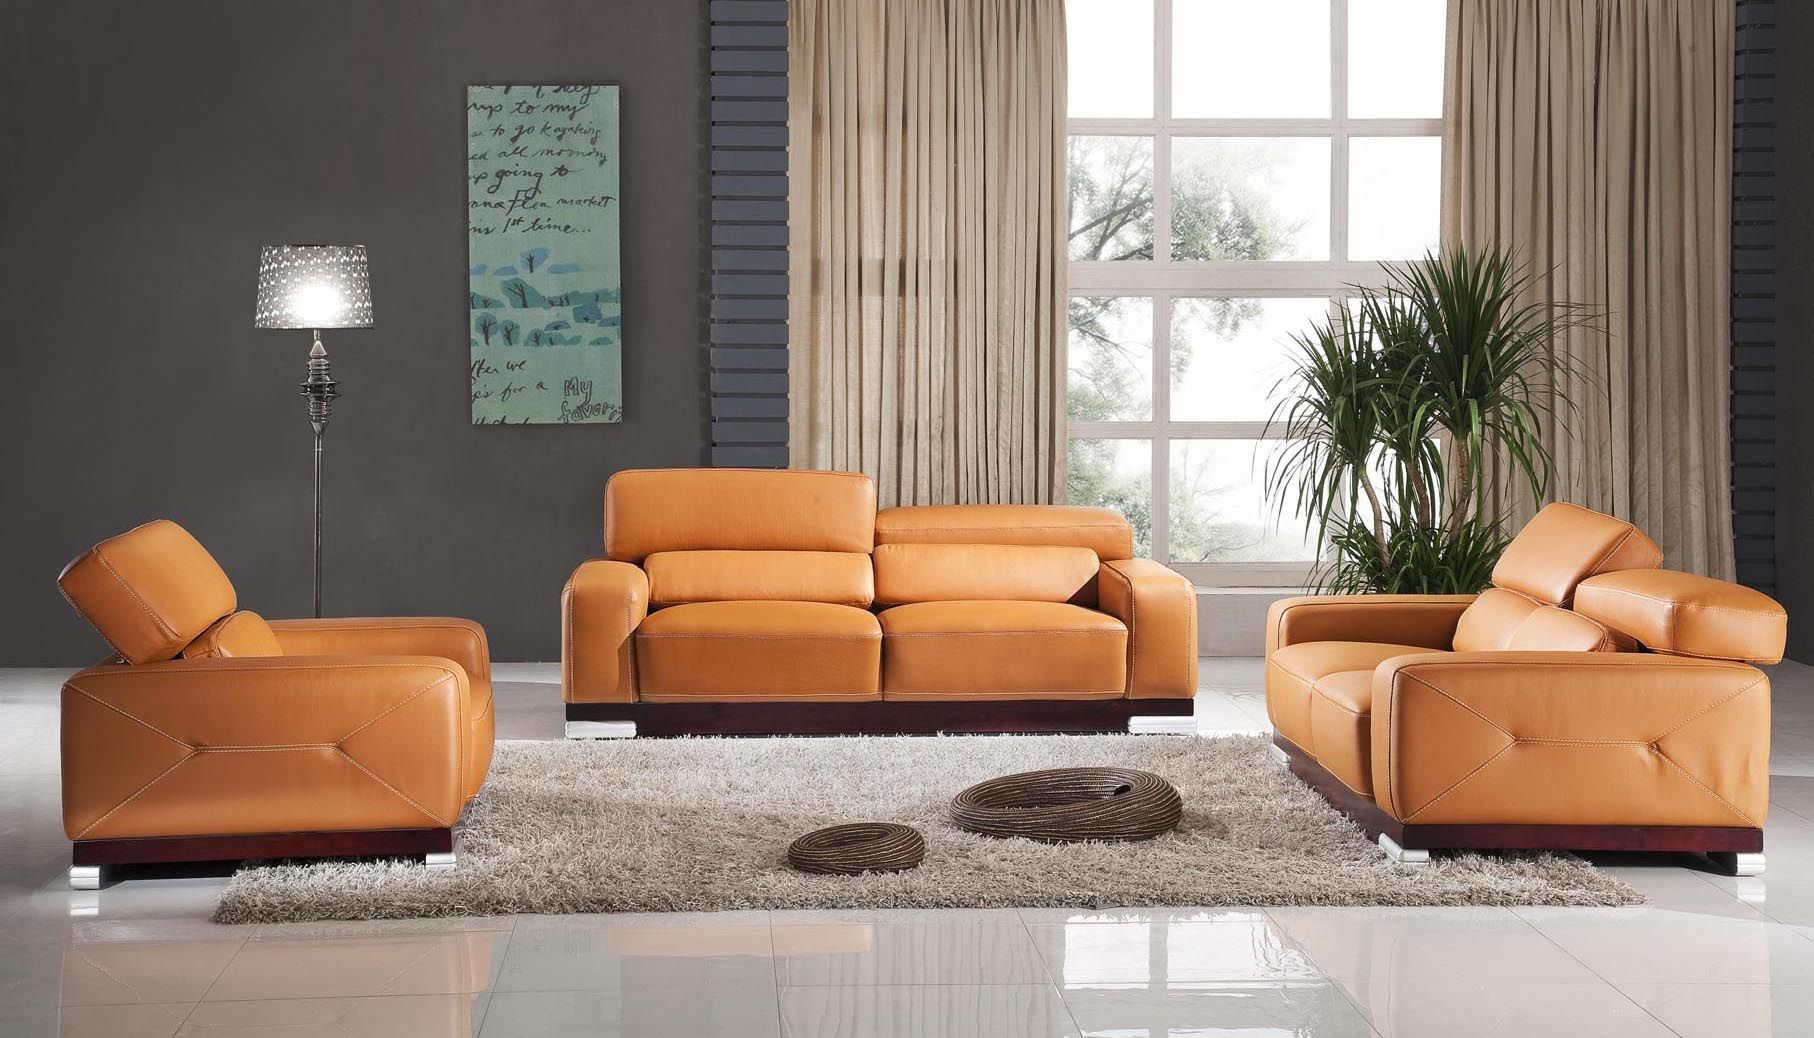 Affordable Living Room Furniture full size of living room:designer ...